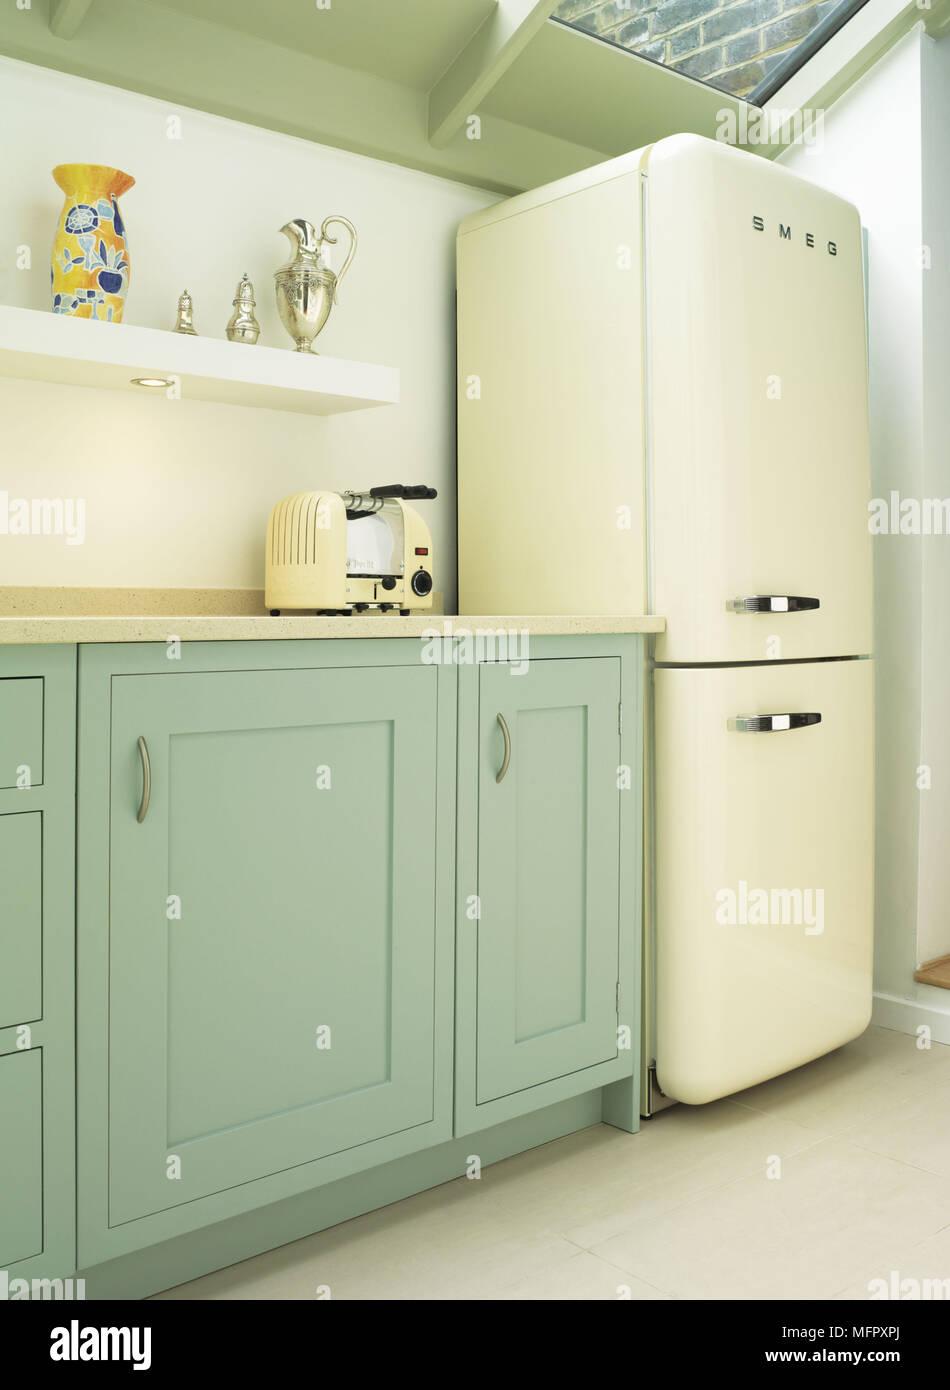 Nett Buche Kücheninsel Einheiten Uk Fotos - Ideen Für Die Küche ...